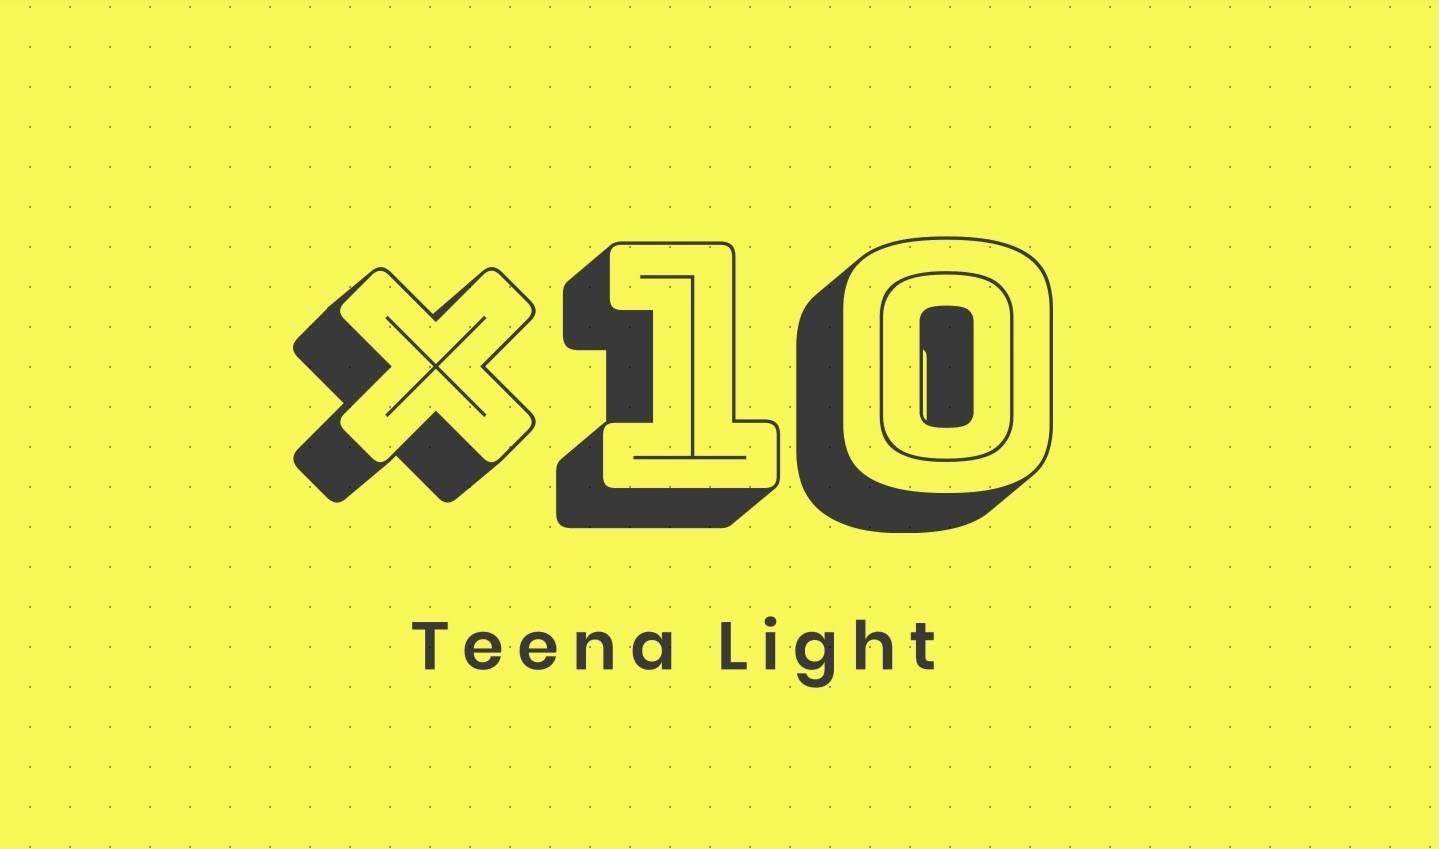 Teena Light